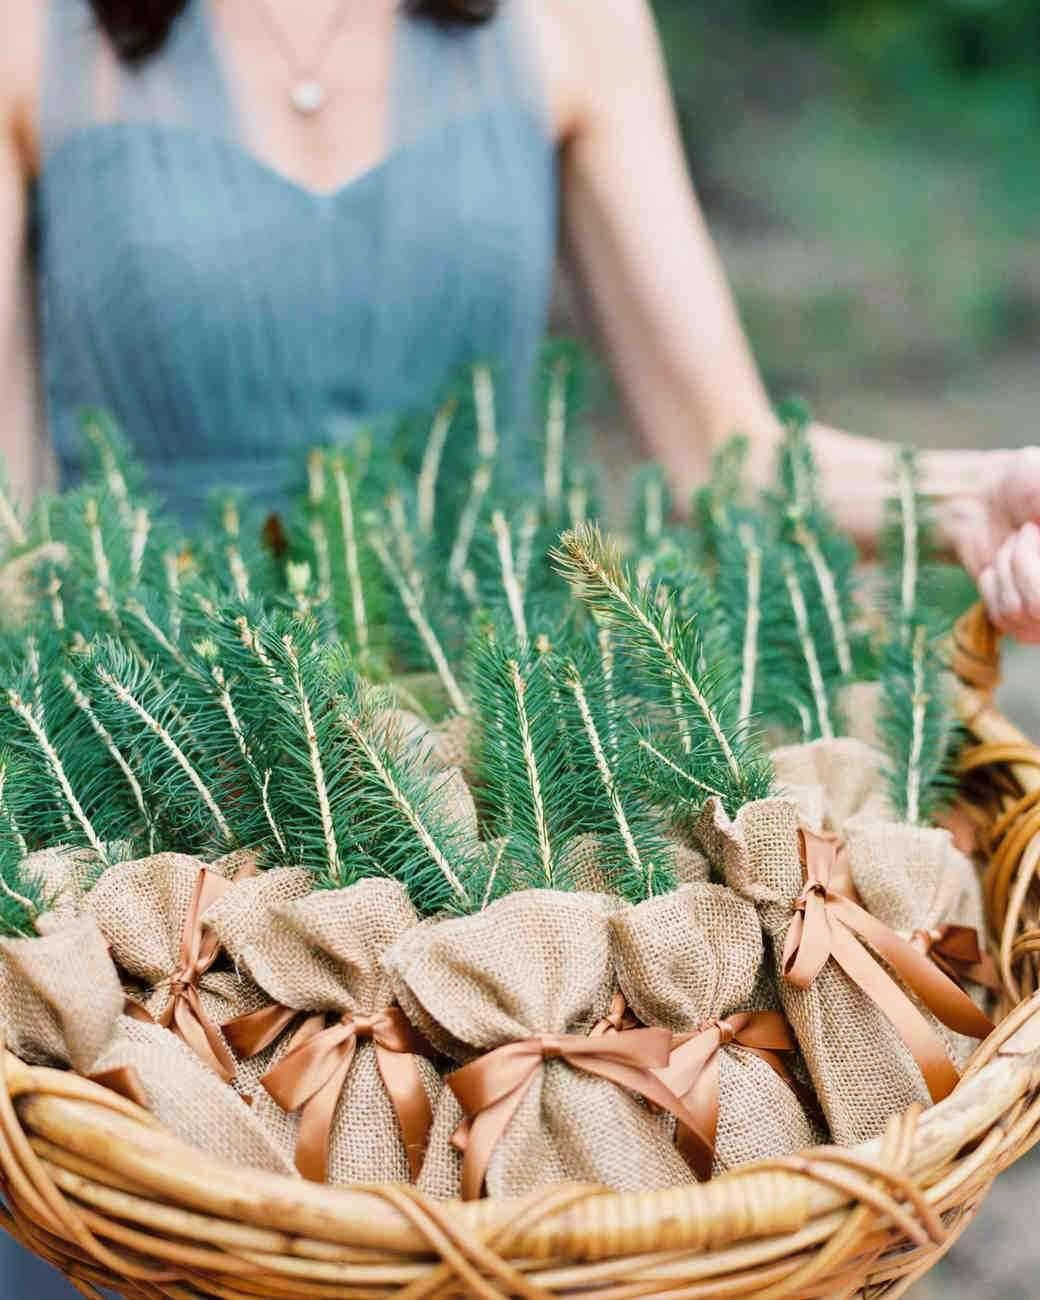 Çuval Kese İçinde Çam Ağacı Fideleri Düğün Hediyeliği